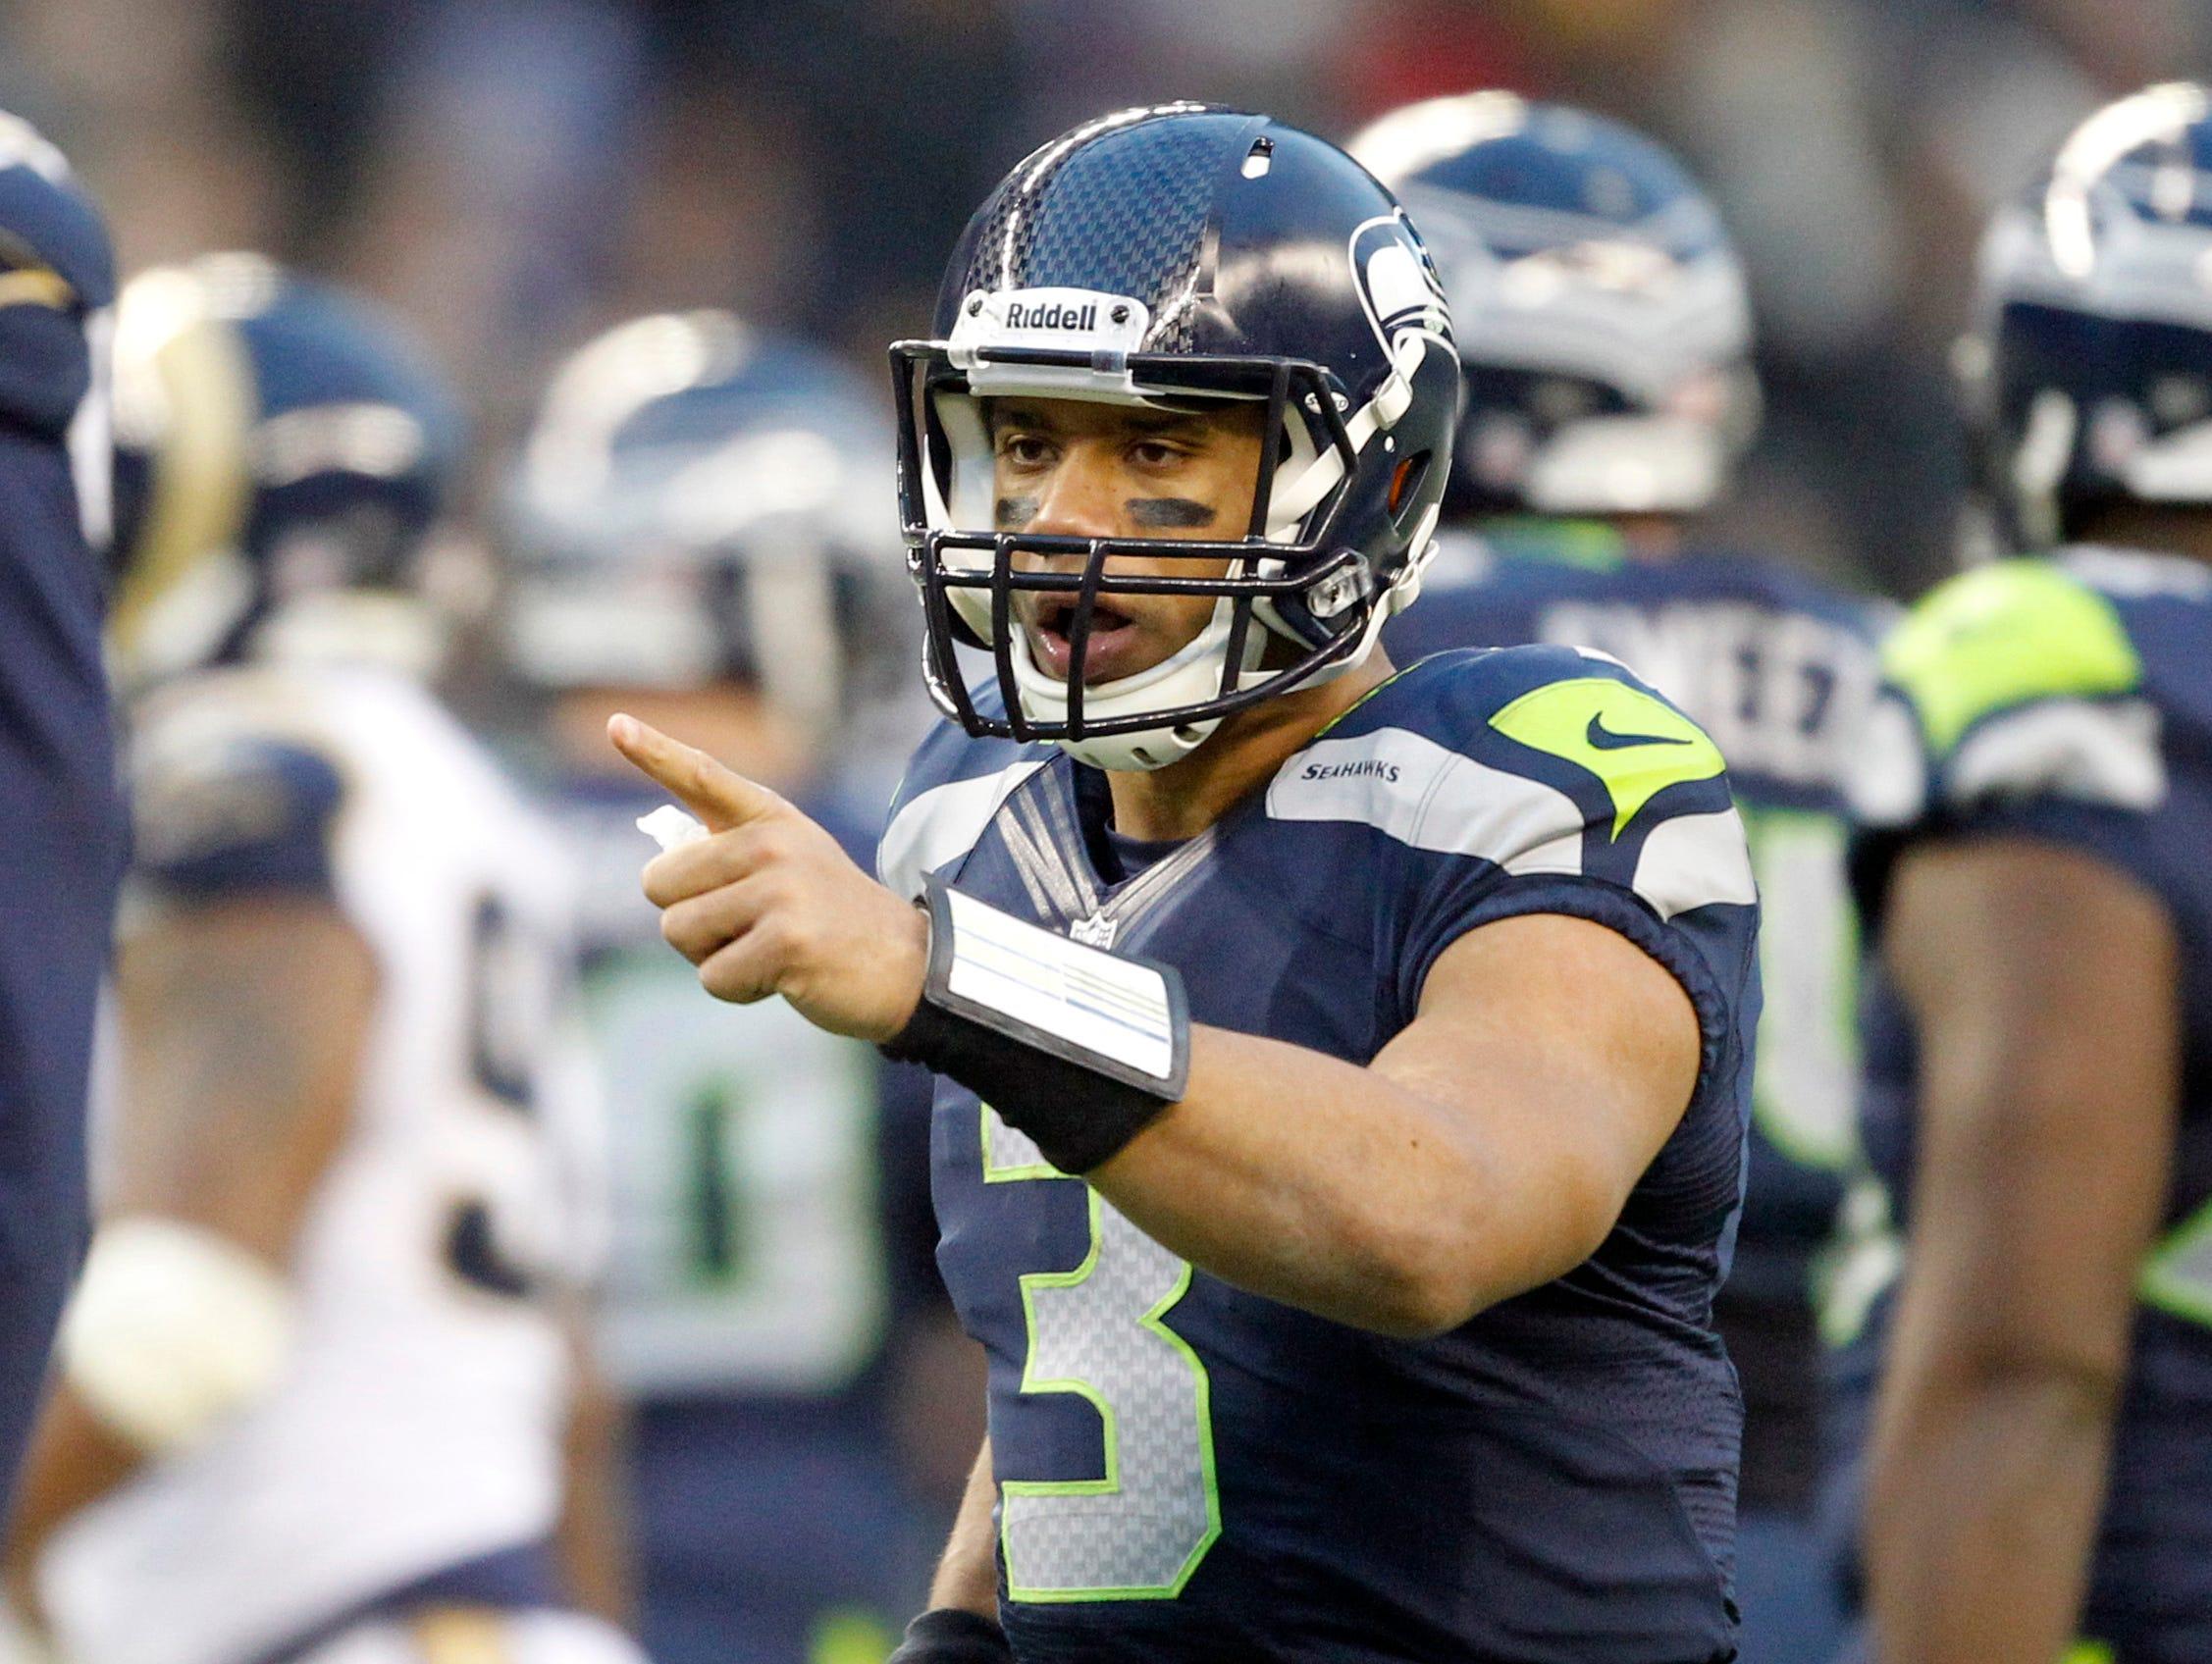 11. Russell Wilson, Seattle Seahawks